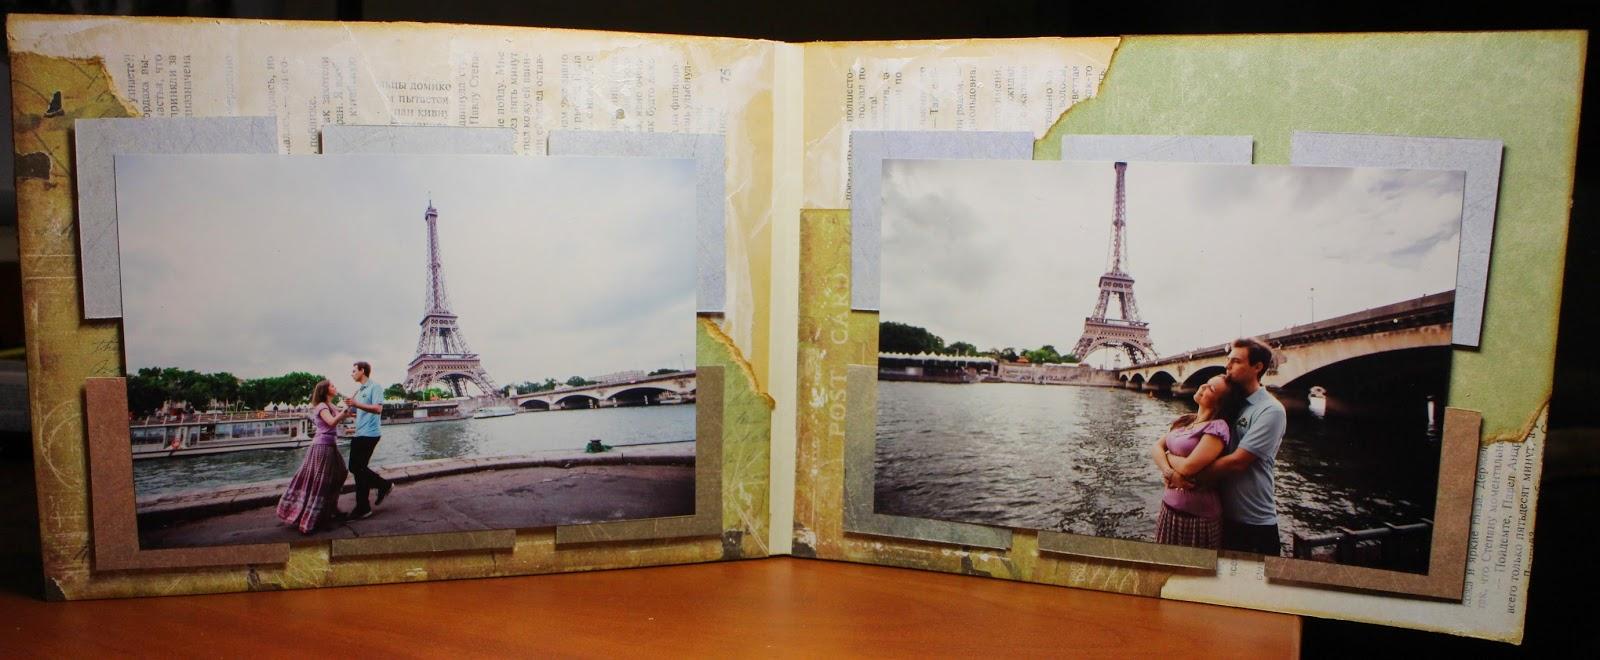 Универсальный альбом Париж Love Story 2 разворот